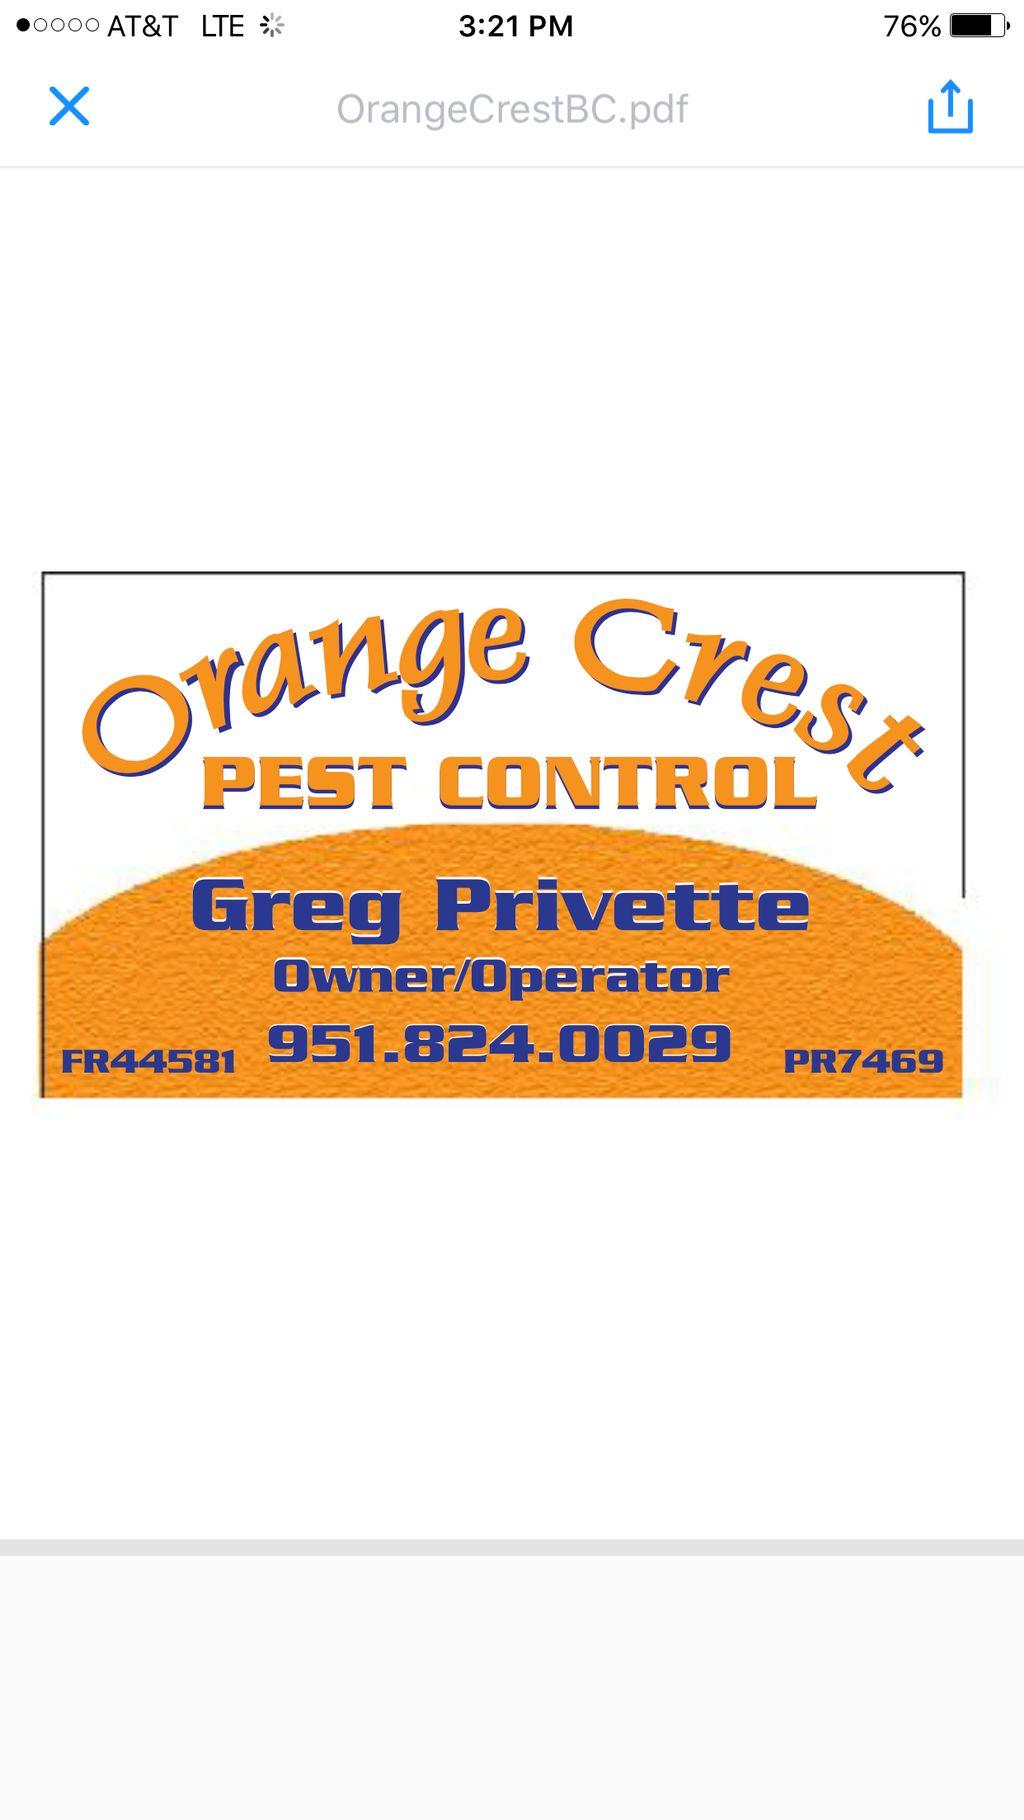 Orange Crest Pest Control